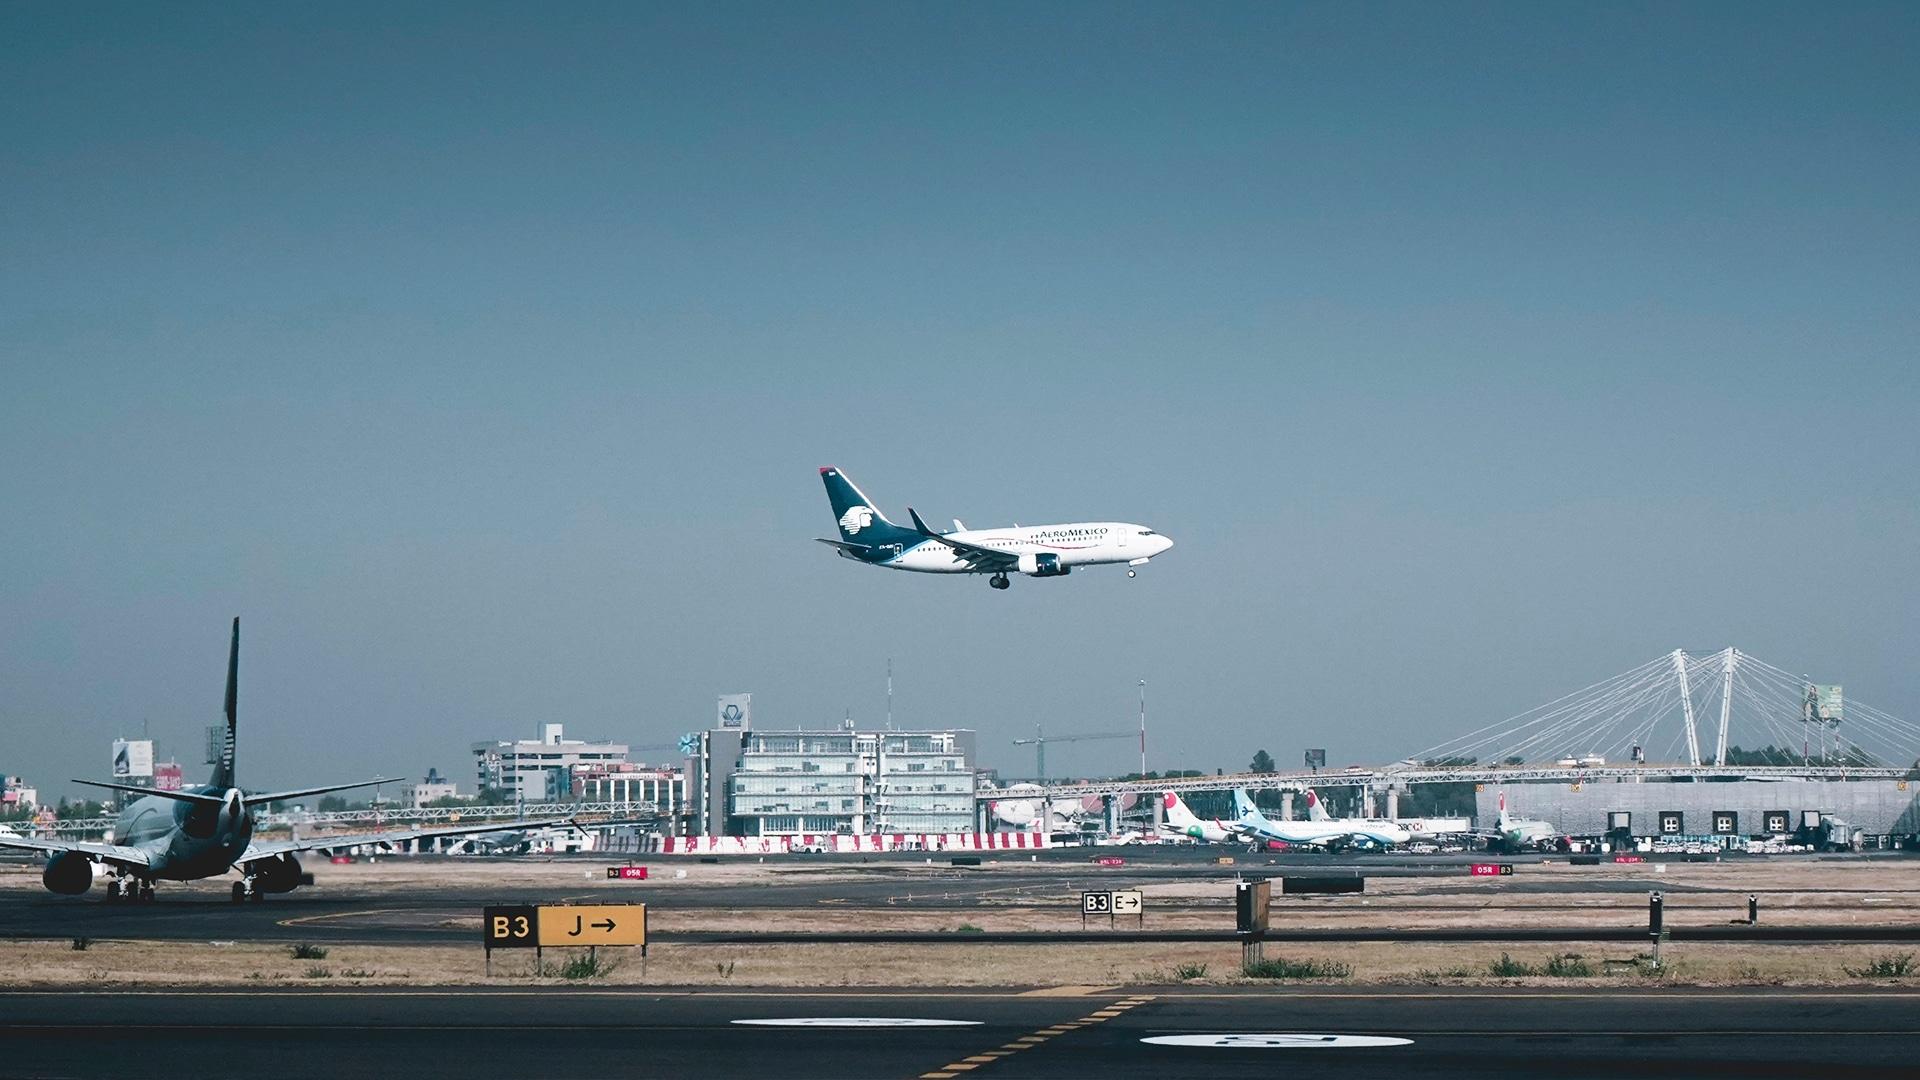 Aeromexico, membre de SkyTeam